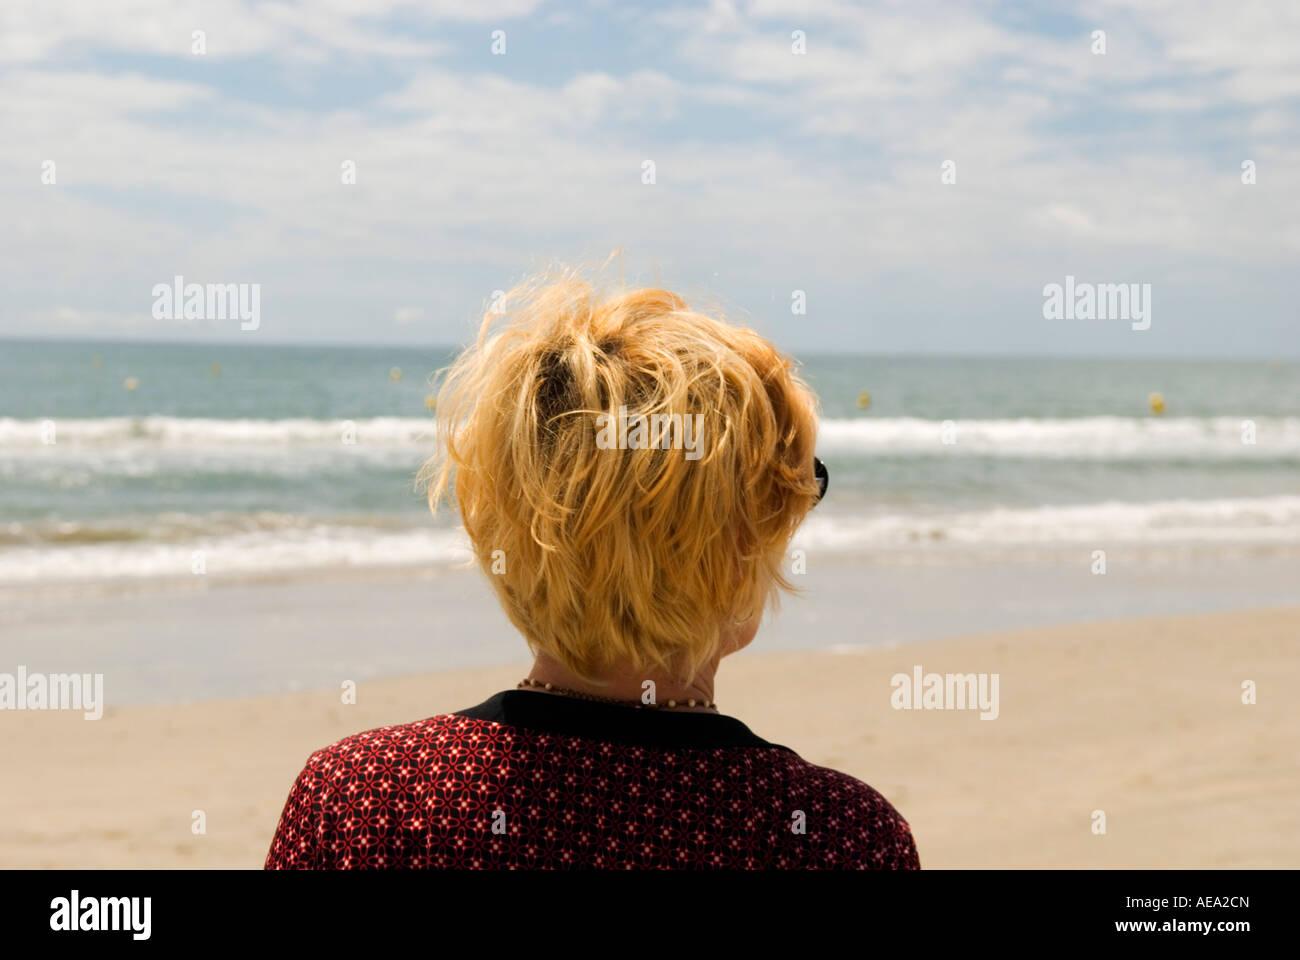 eine einsame Strawberry blonde Frau sieht von Kamera in Richtung Meer und Strand entfernt Stockbild